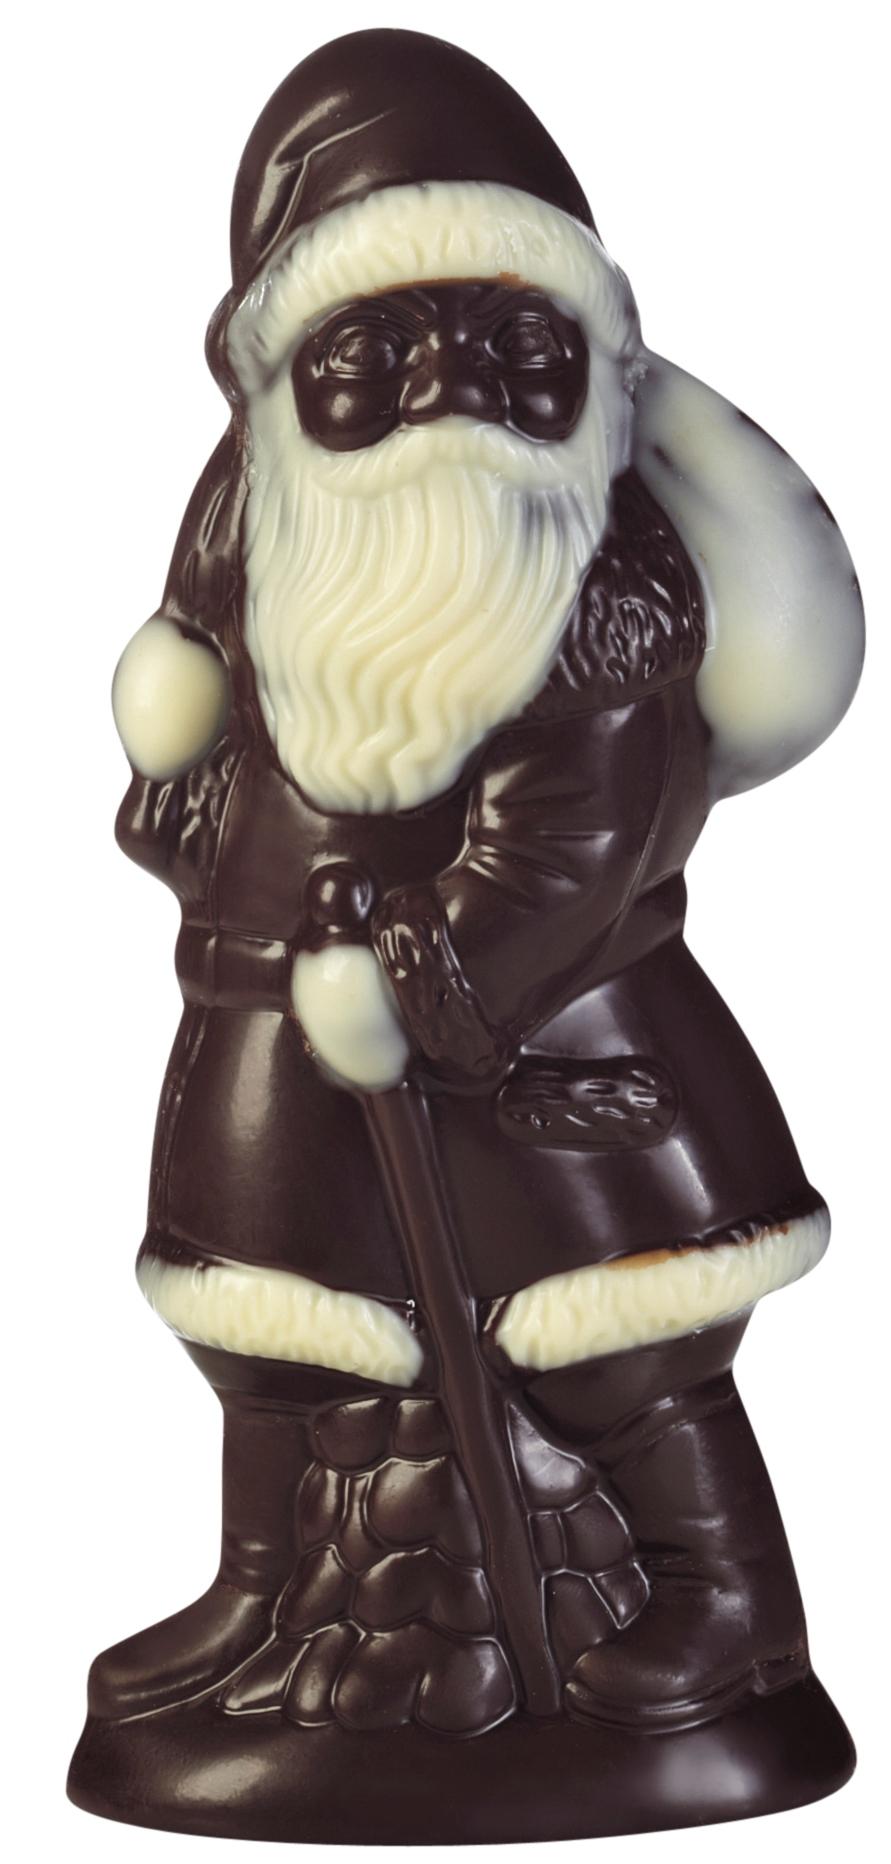 Père Noël au chocolat noir, chocolaterie Schaal (75 g)